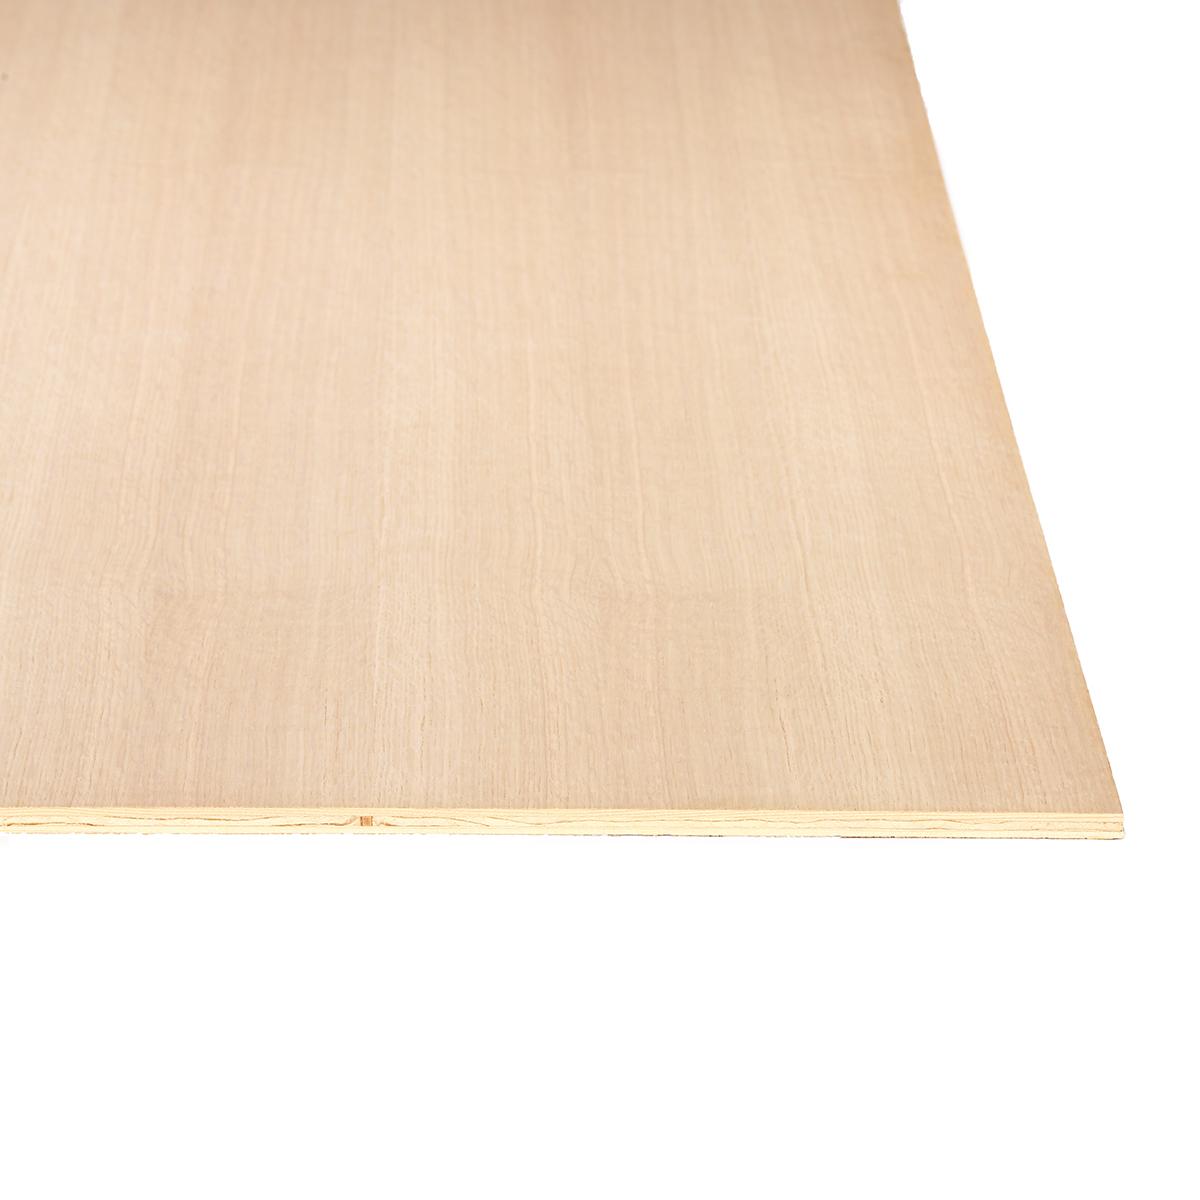 cabinet grade plywood suppliers nj. Black Bedroom Furniture Sets. Home Design Ideas